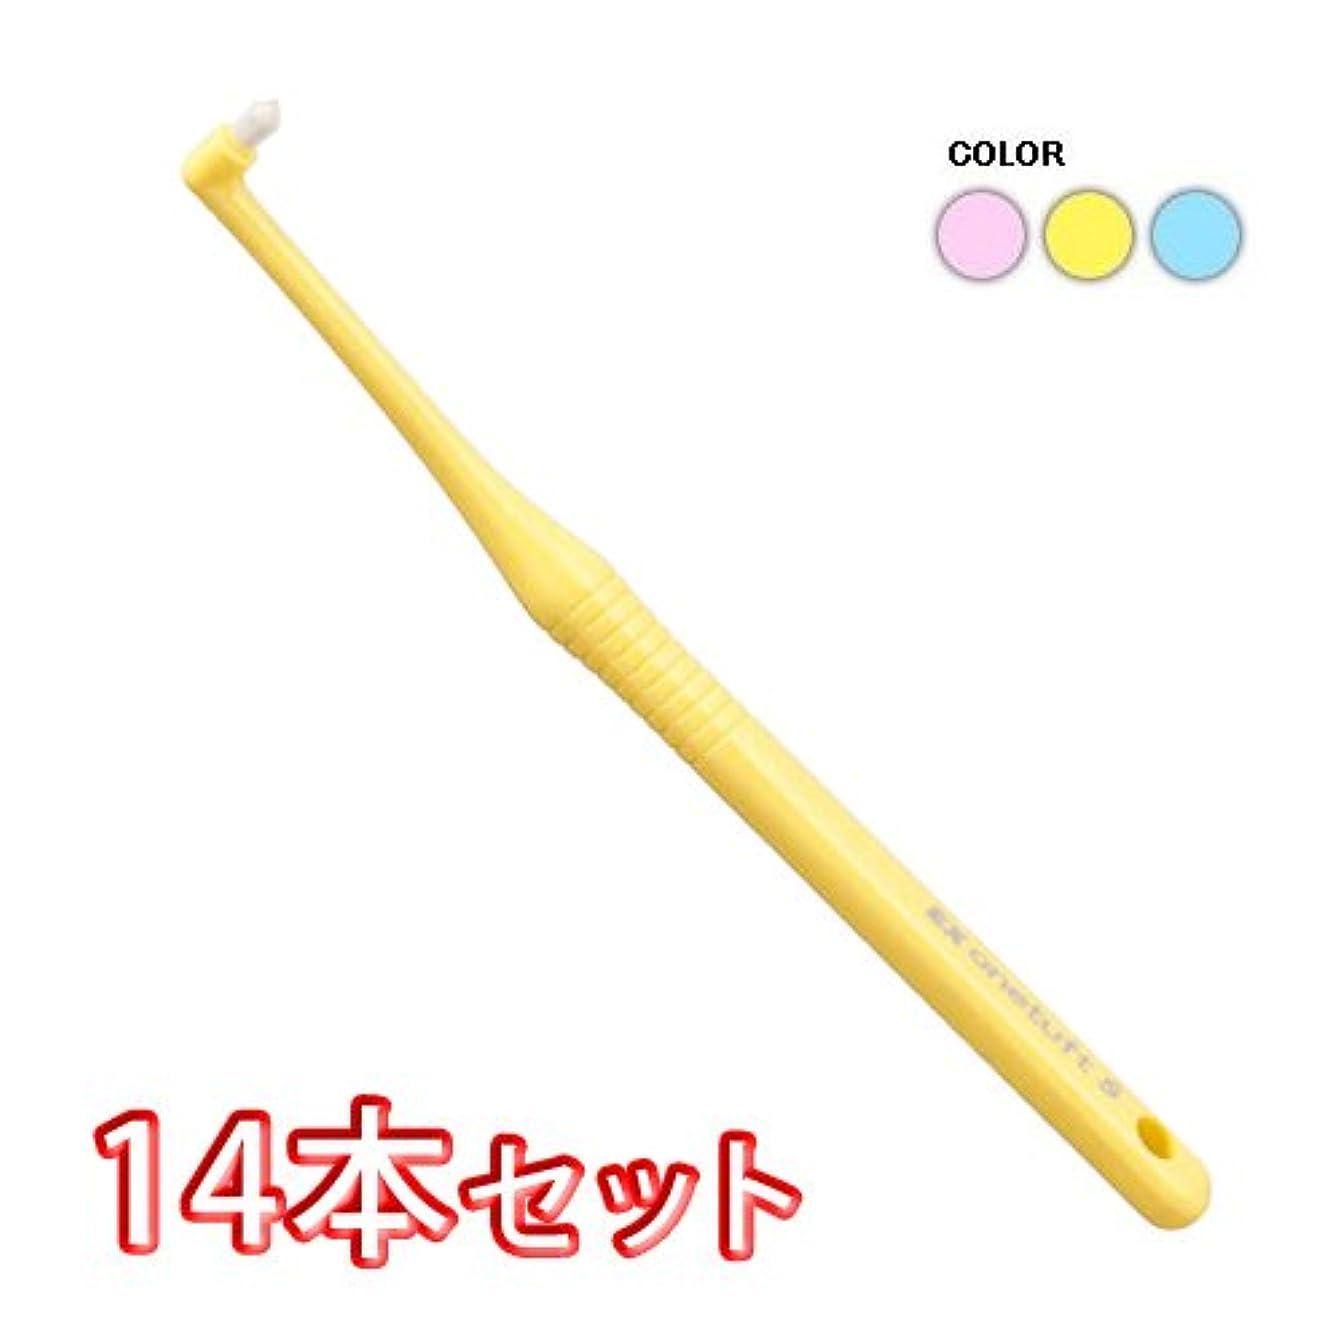 スイッチ帽子ピラミッドライオン デント EX ワンタフト 歯ブラシ onetuft (S) (14本入)